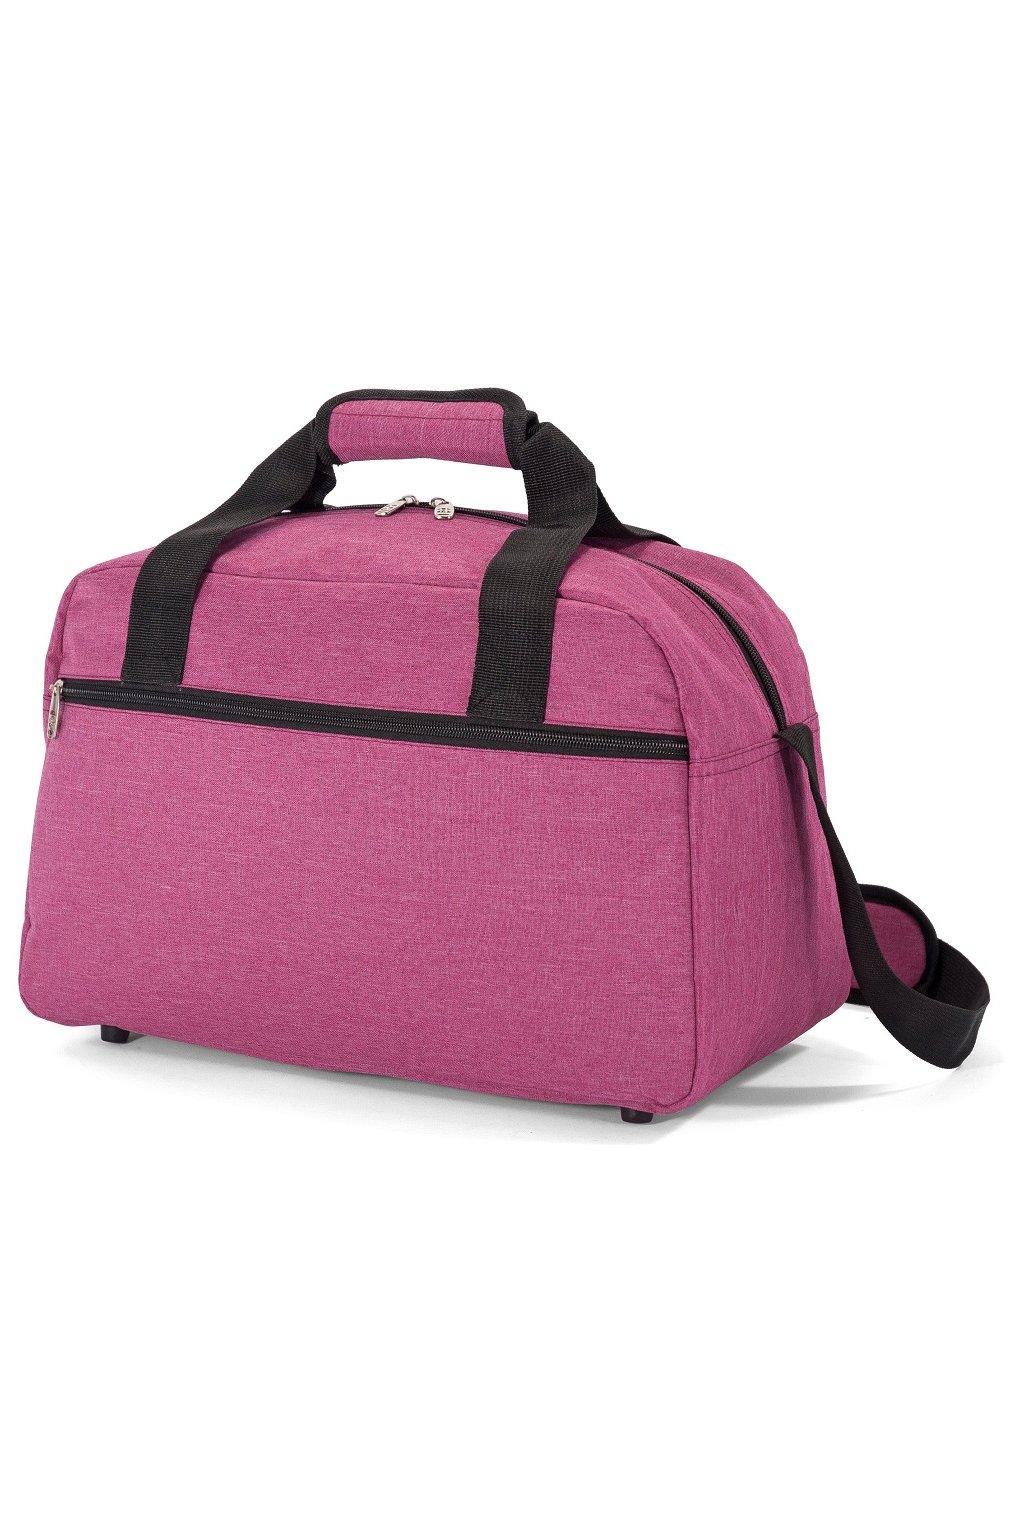 kufrland benzi 5528 pink